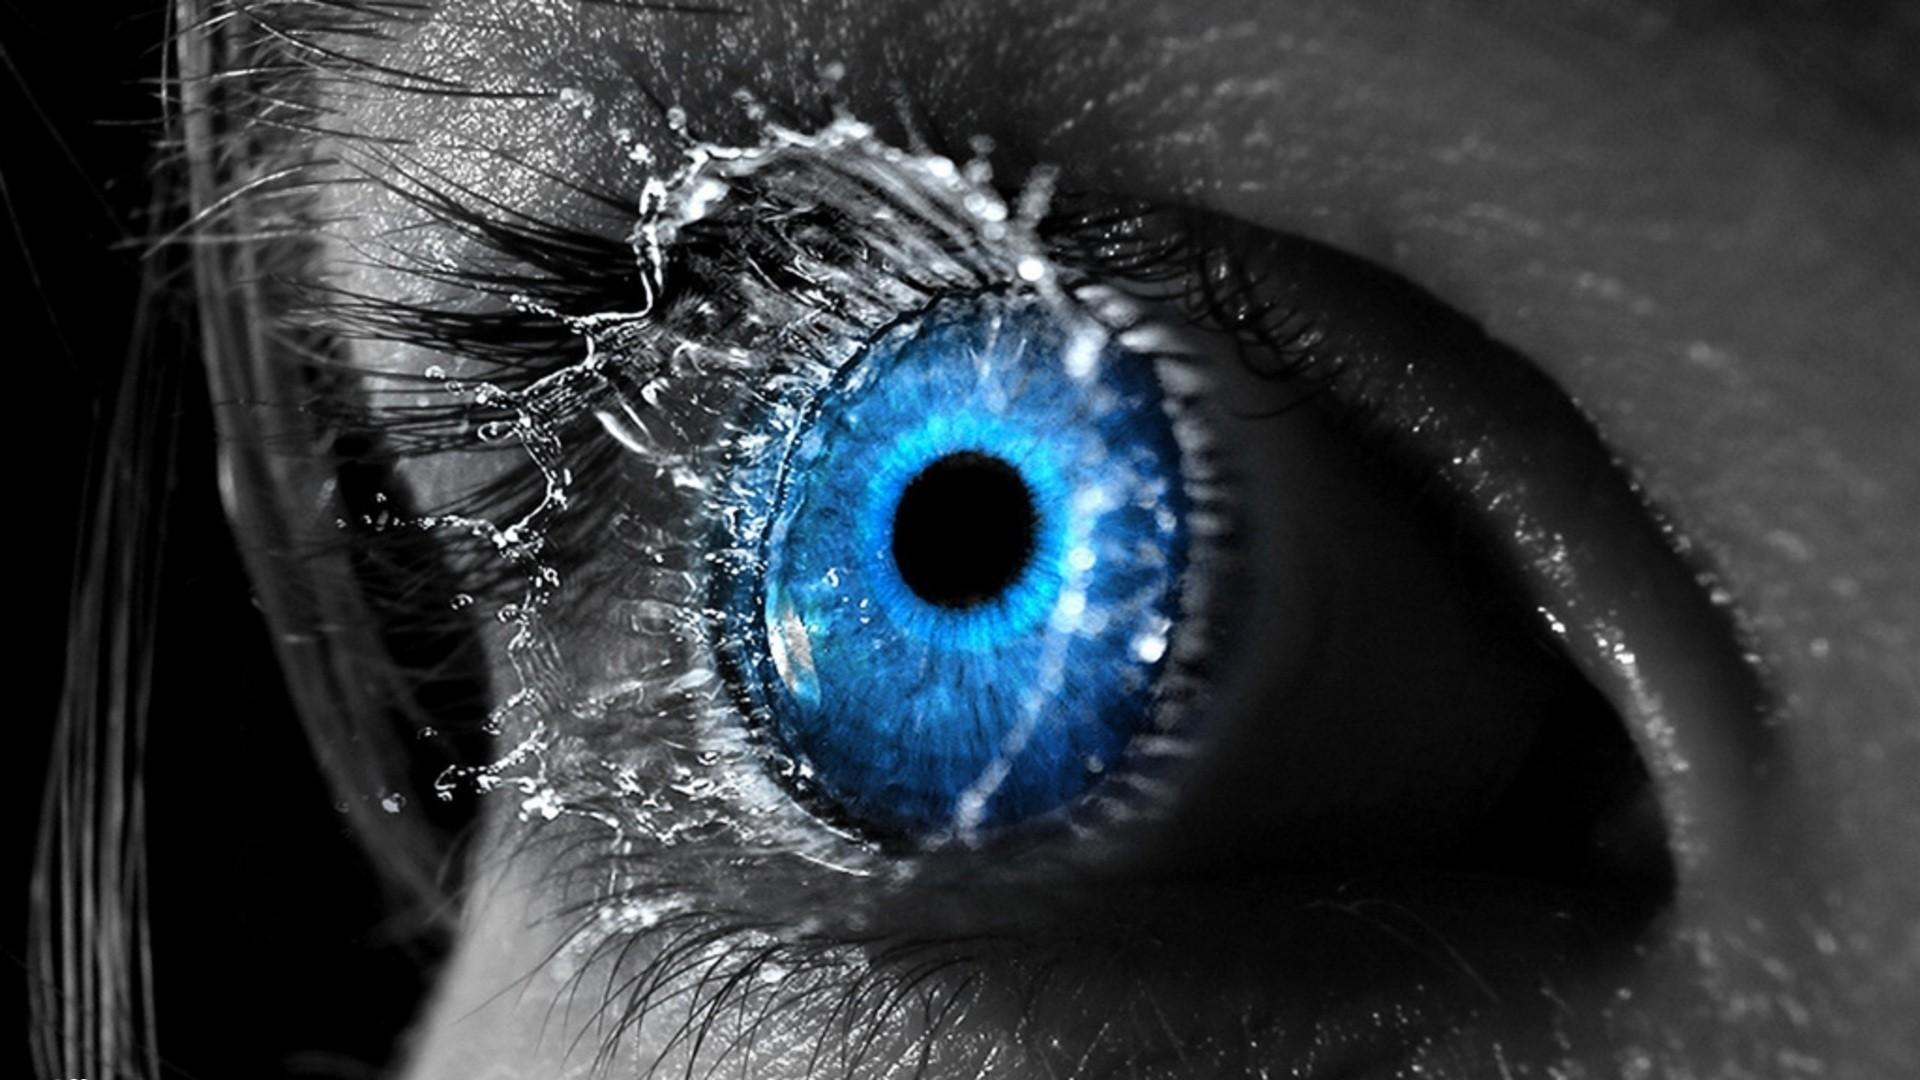 Image detail for -Blue eye – Eyes Wallpaper – Fanpop fanclubs